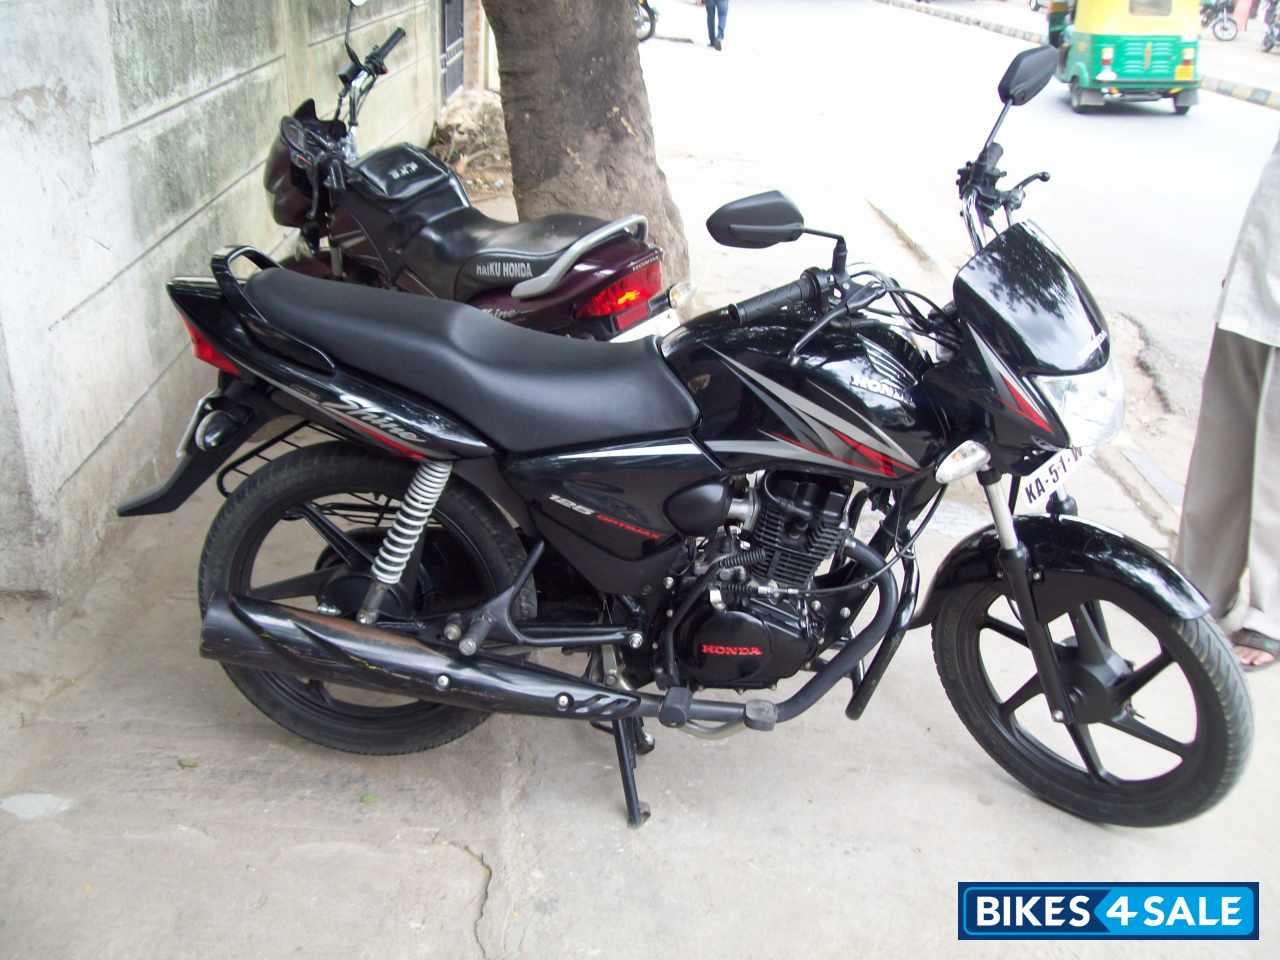 Honda Shine Picture 1 Bike Id 89470 Bike Located In